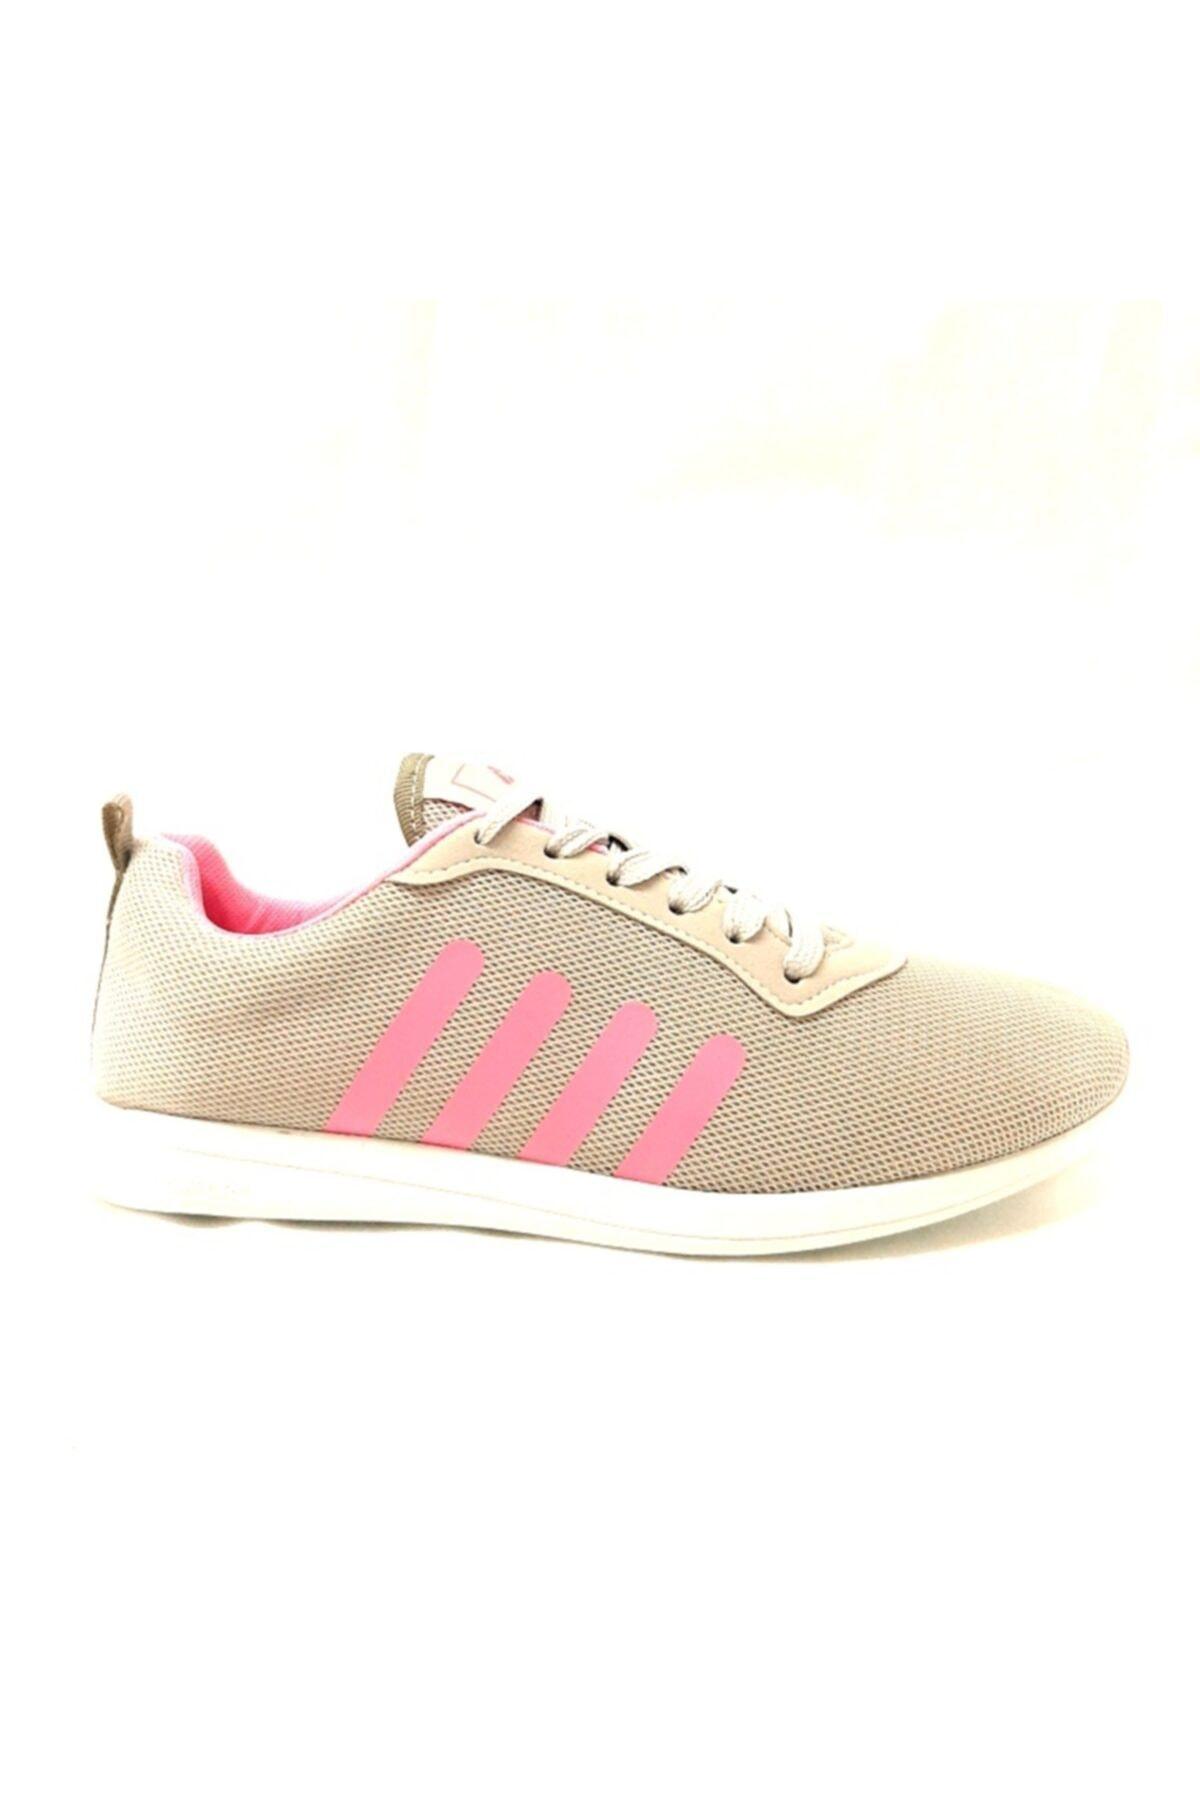 LETOON Kadın Ultra Hafif Antibakteriel Ortapedik Spor Ayakkabı 1